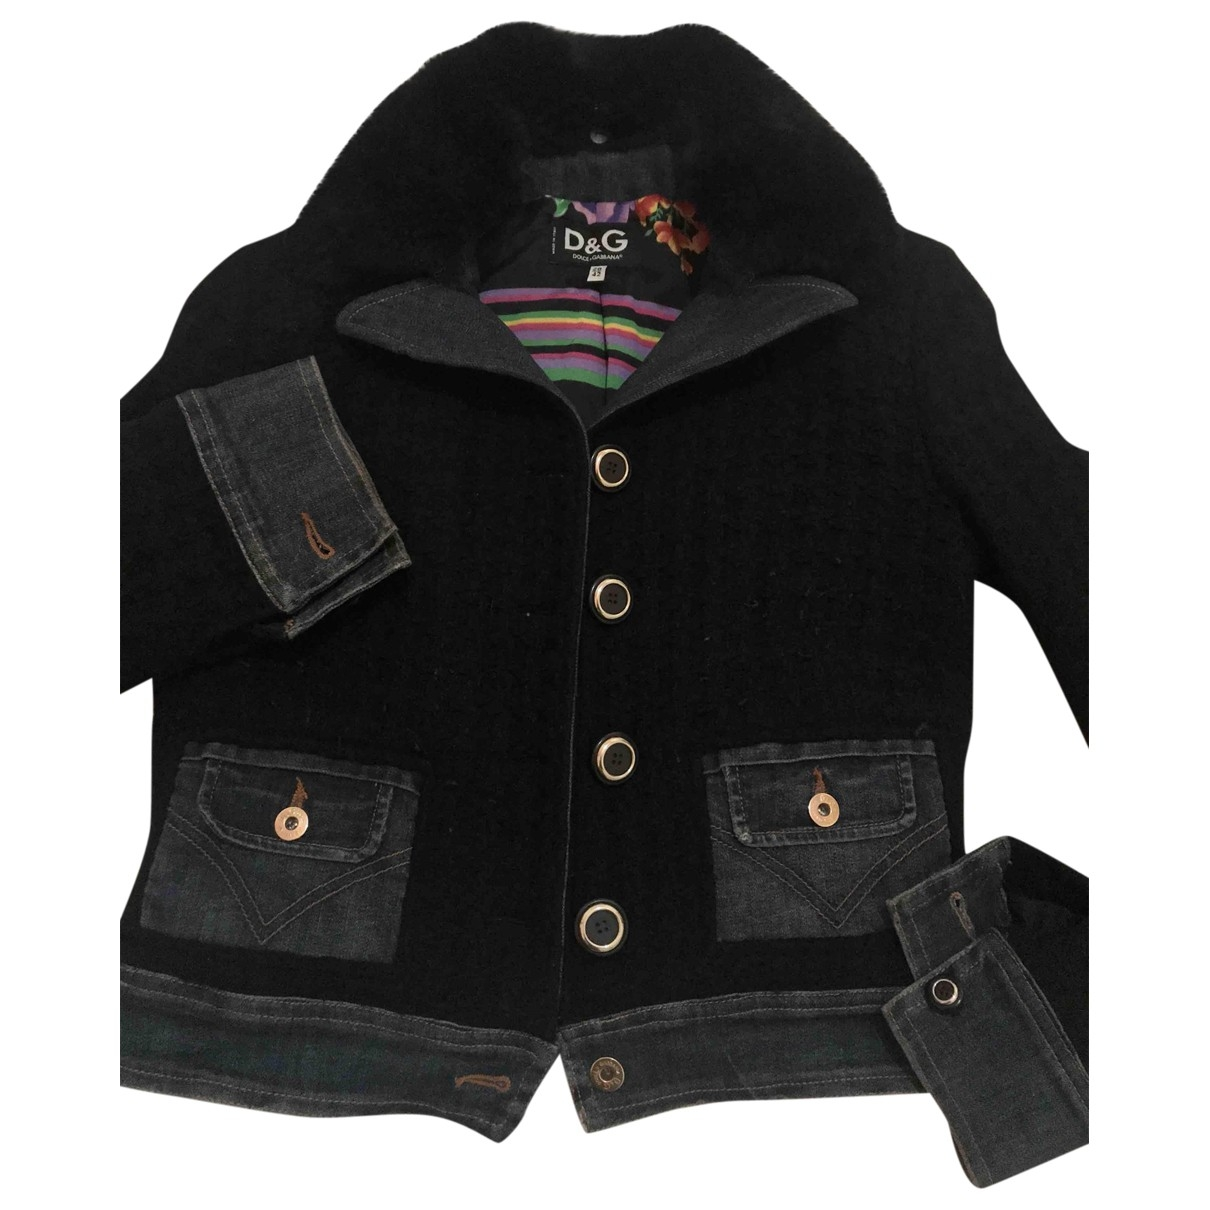 D&g - Veste   pour femme en laine - noir